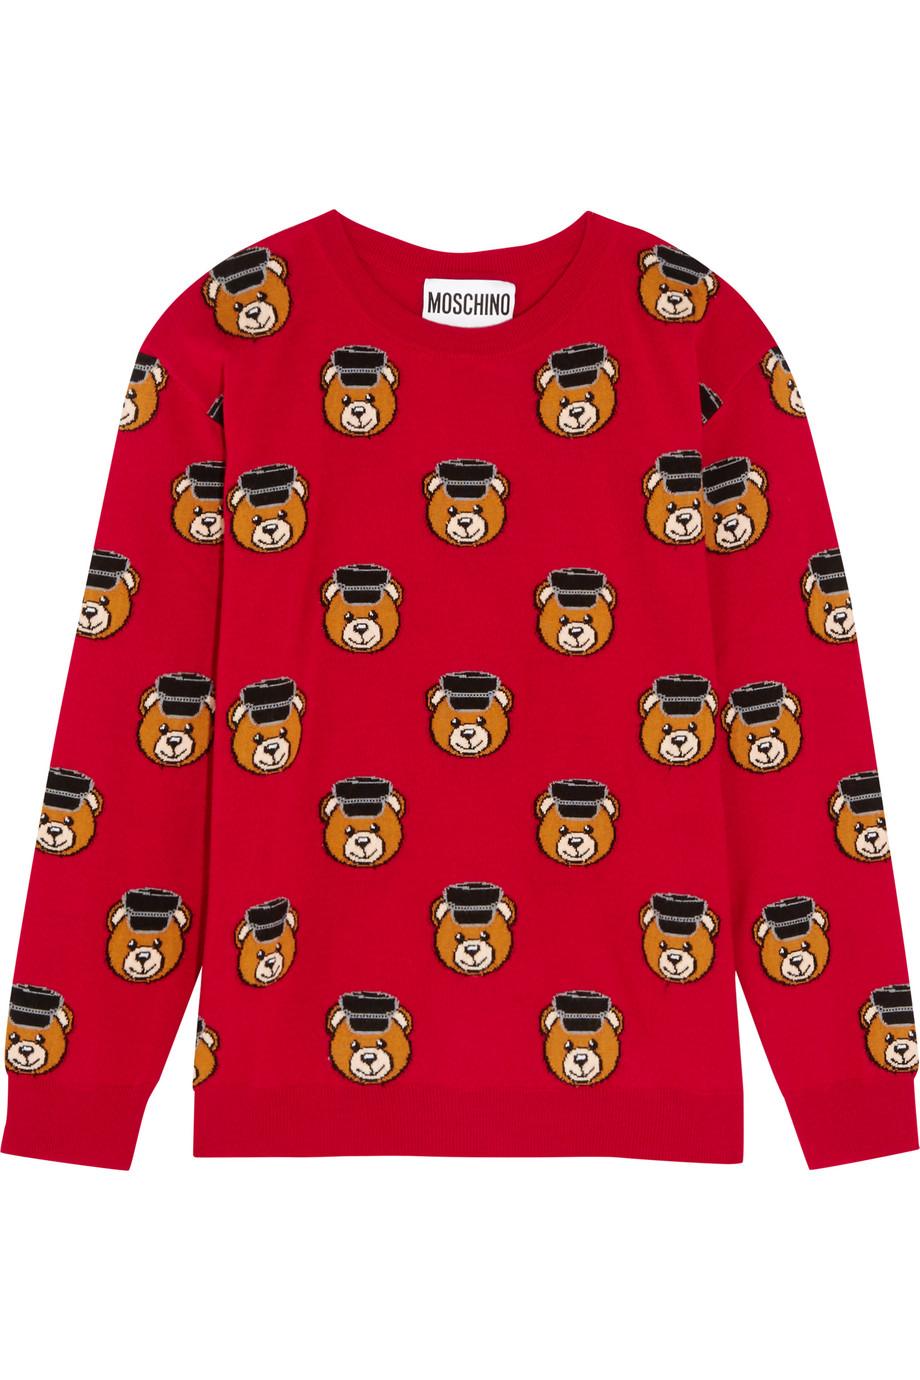 Moschino Intarsia Wool Sweater, Red, Women's